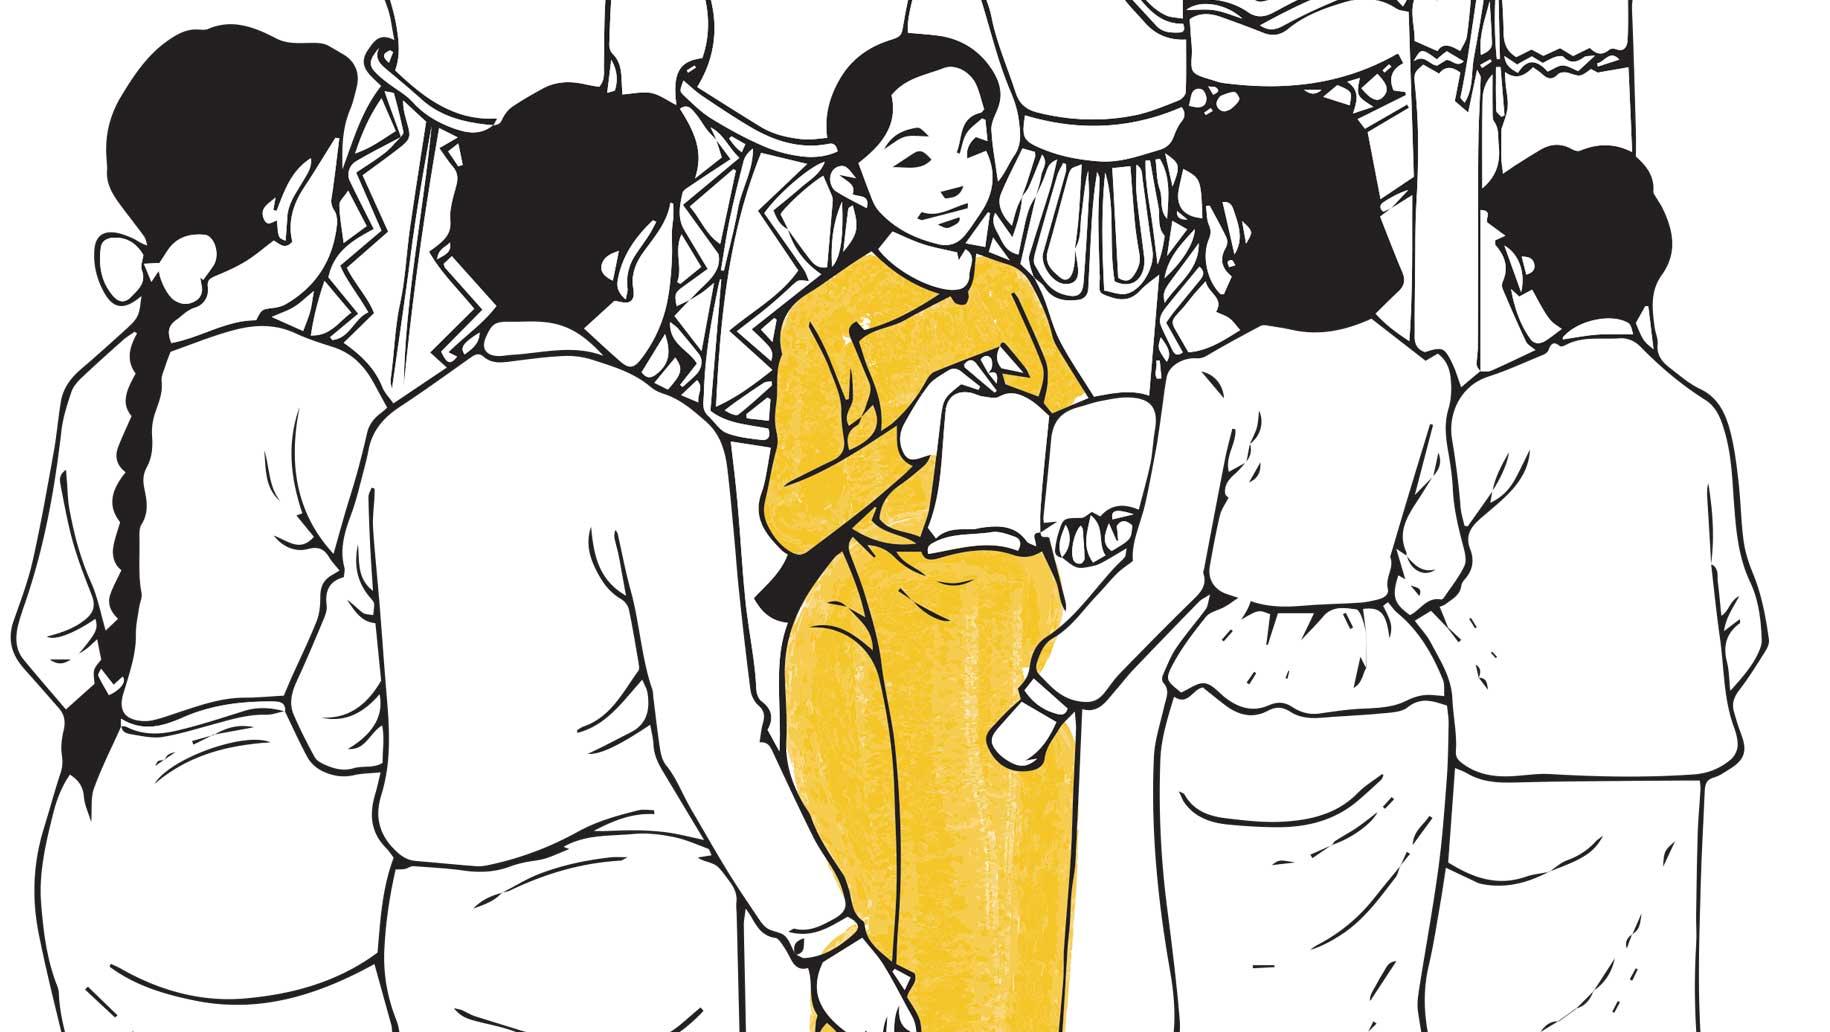 illustration-03.jpg